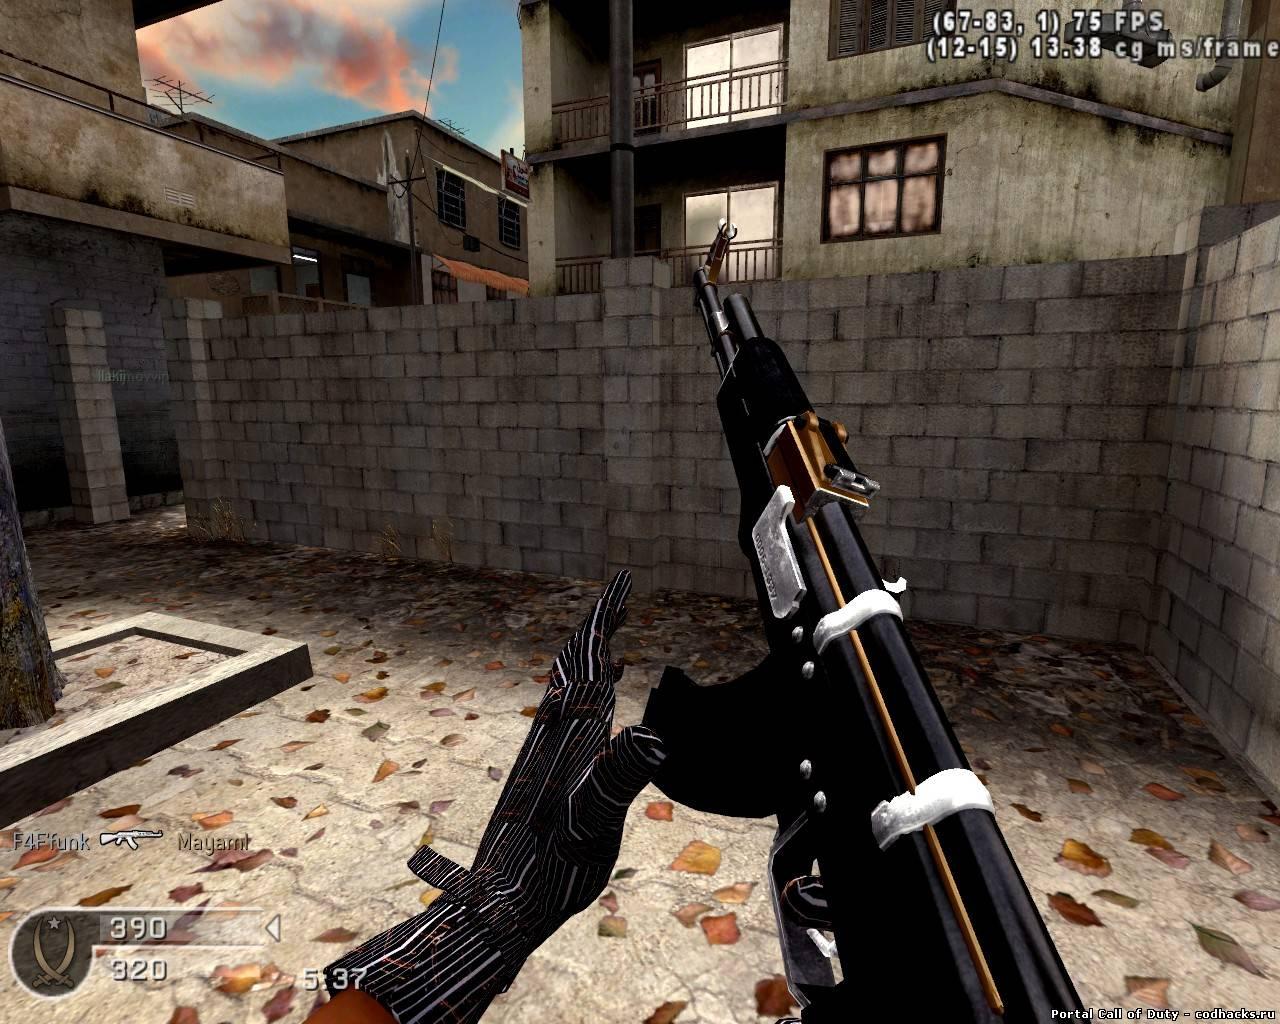 [CoD4] promod graphics - Call of Duty 4 - Конфиги[CoD4